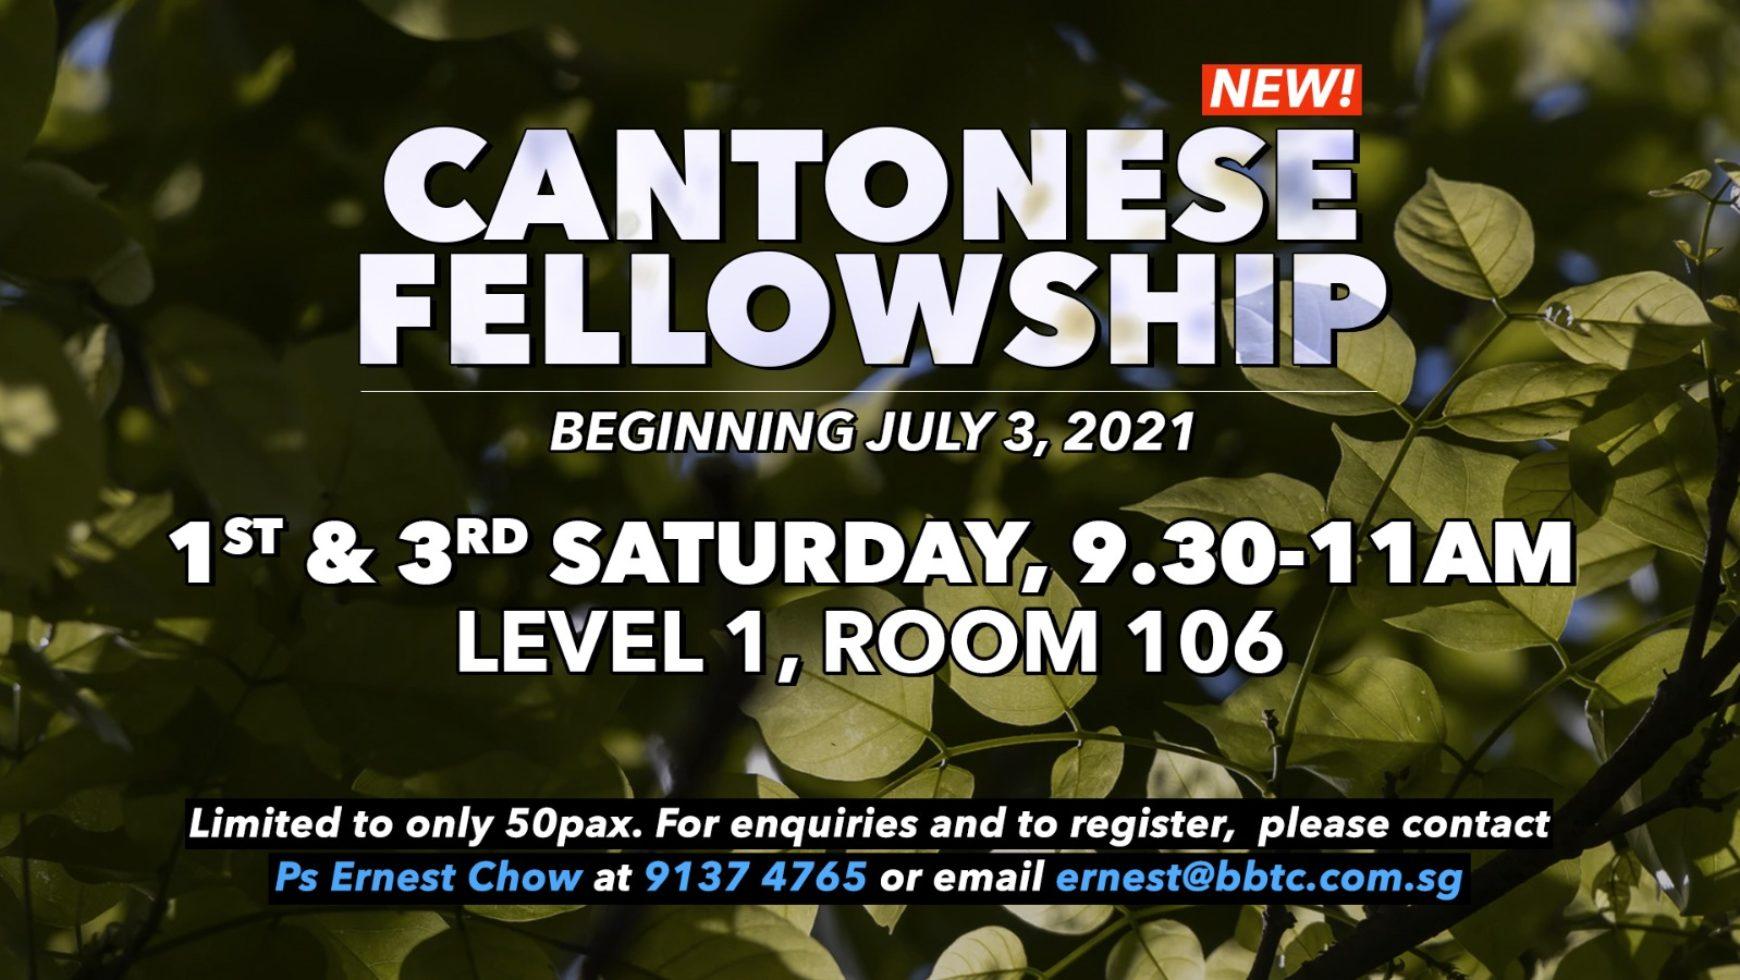 Cantonese Fellowship